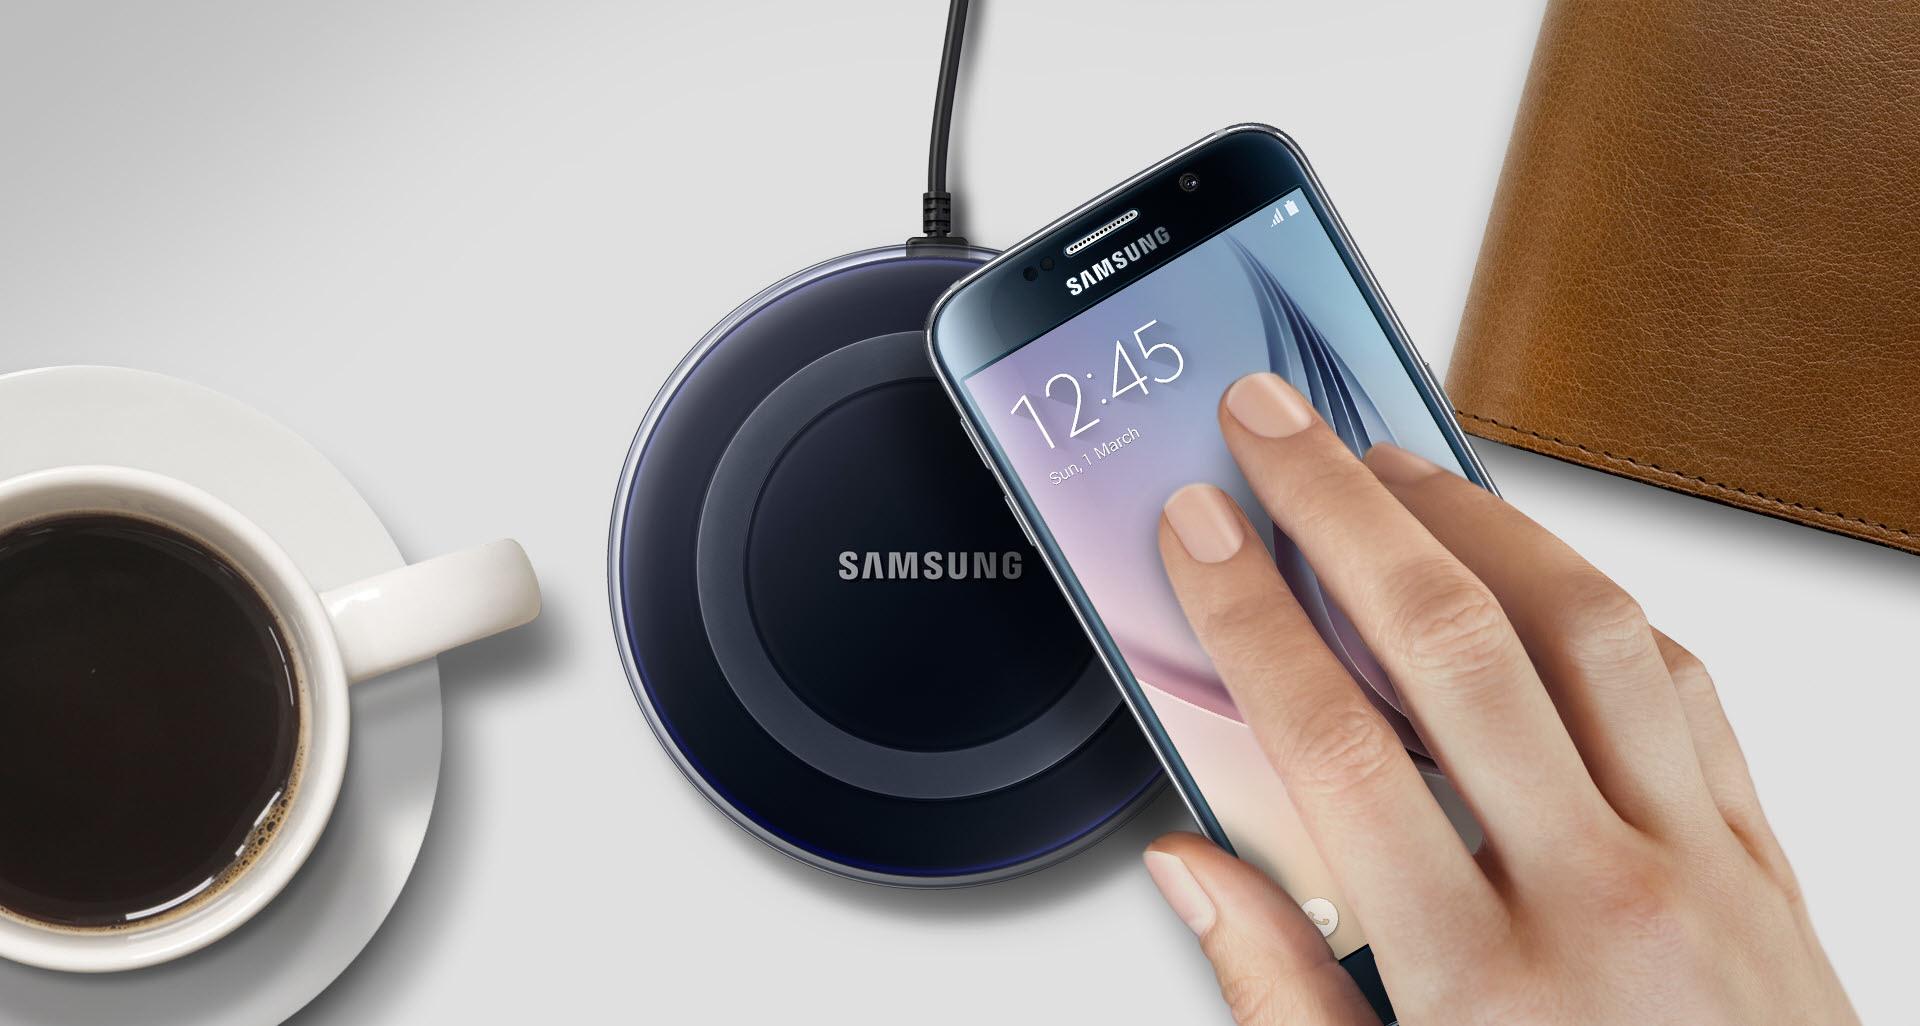 Cargar el móvil sin enchufarlo sigue siendo un sueño